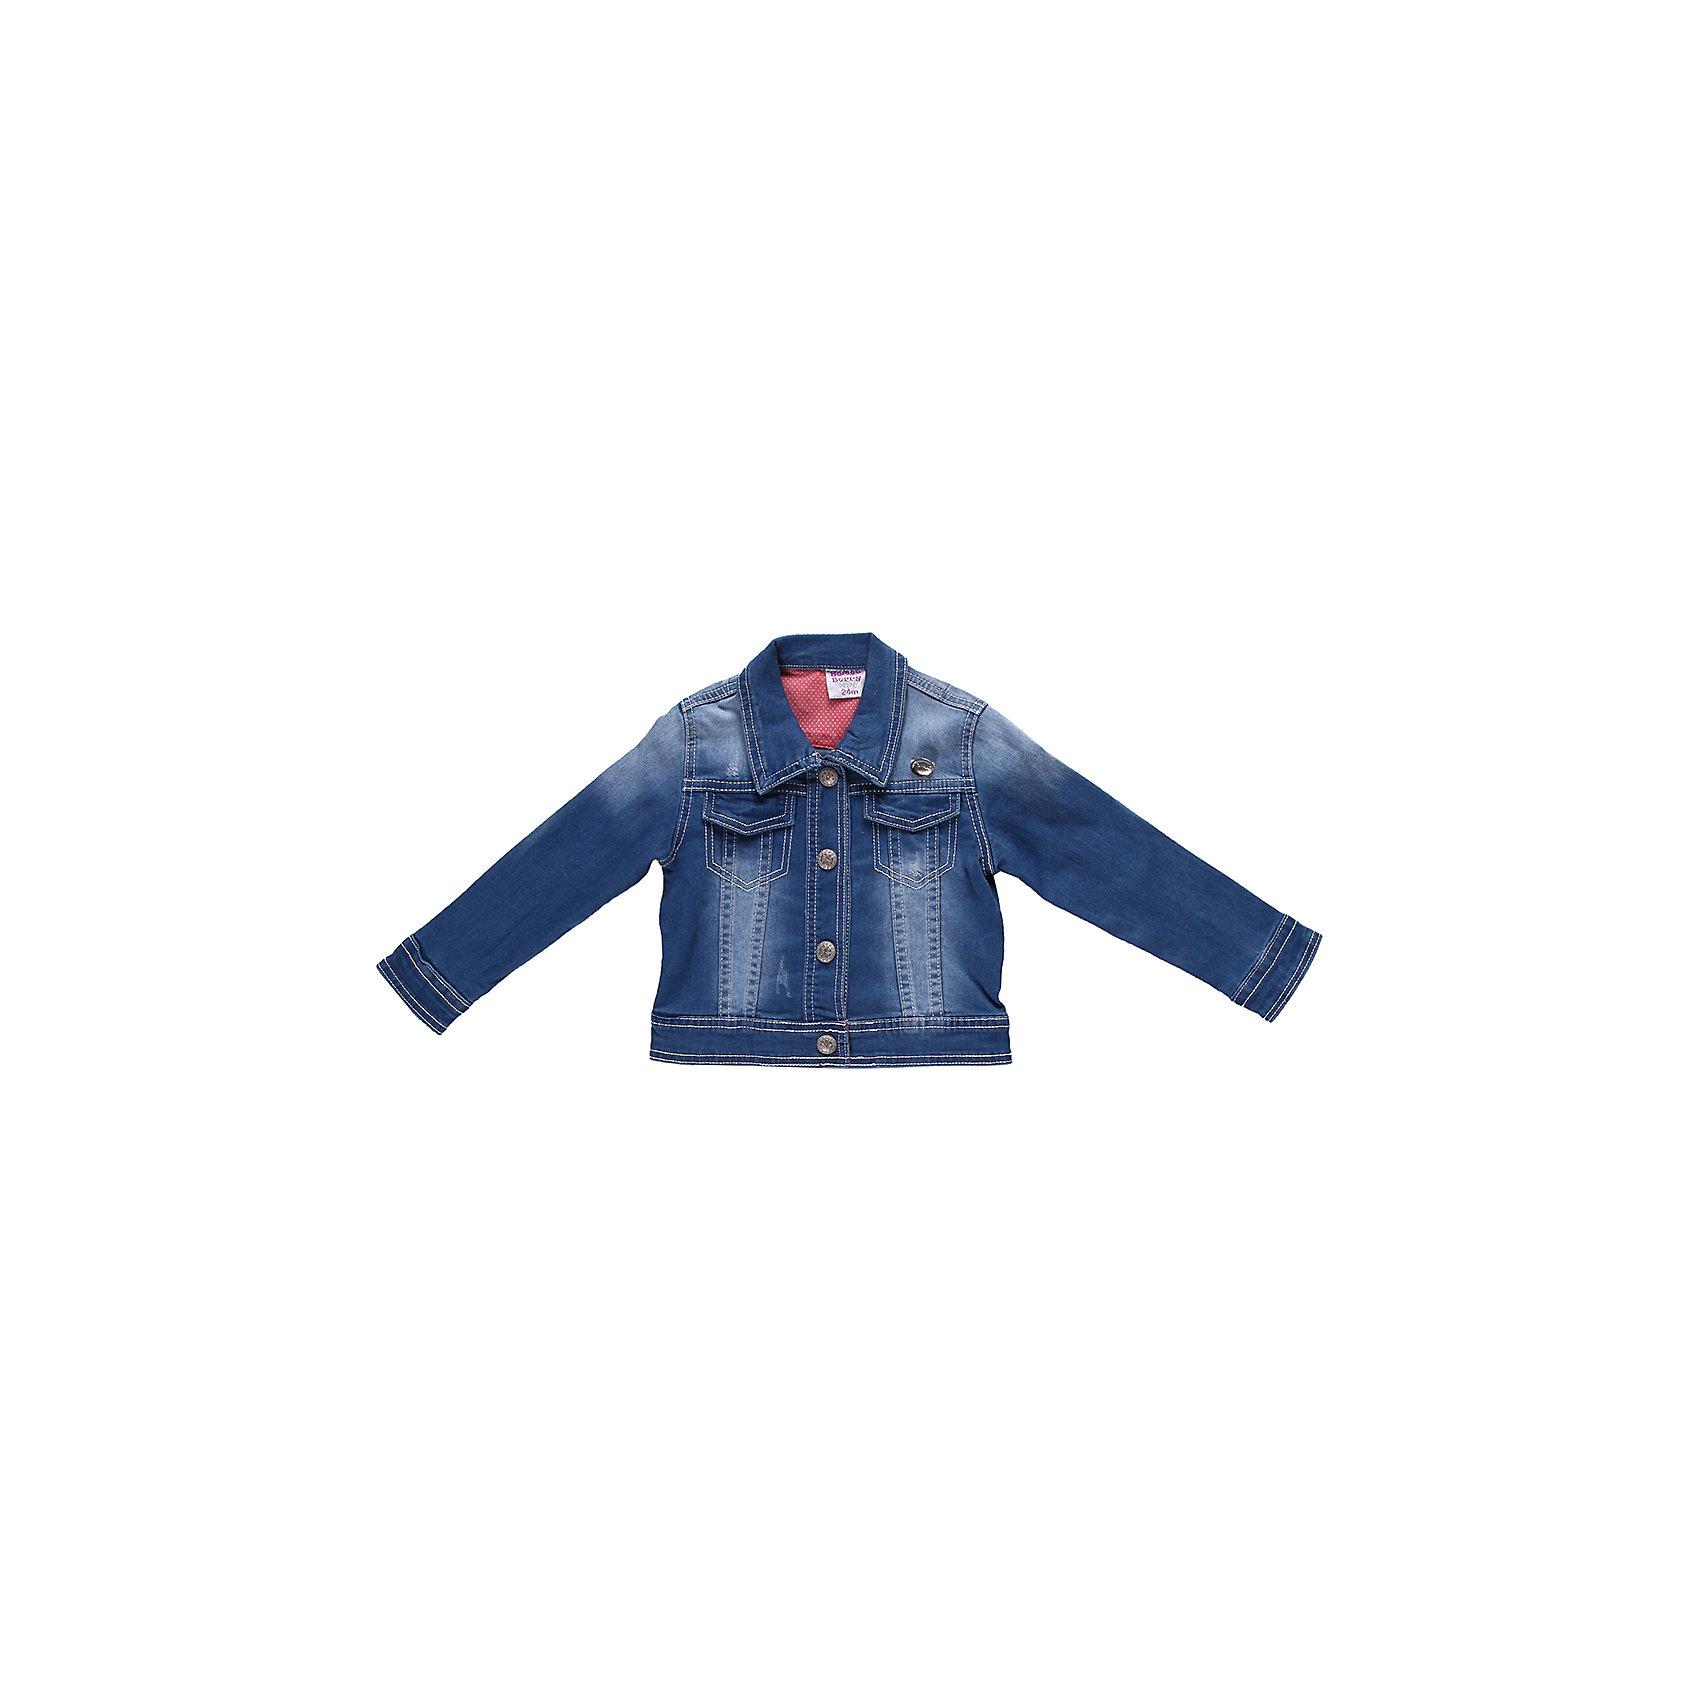 Куртка джинсовая для девочки Sweet BerryДжинсовая куртка с контрастной отделкой на кнопках.<br>Состав:<br>98% хлопок, 2% эластан<br><br>Ширина мм: 356<br>Глубина мм: 10<br>Высота мм: 245<br>Вес г: 519<br>Цвет: голубой<br>Возраст от месяцев: 12<br>Возраст до месяцев: 18<br>Пол: Женский<br>Возраст: Детский<br>Размер: 86,98,80,92<br>SKU: 4520308